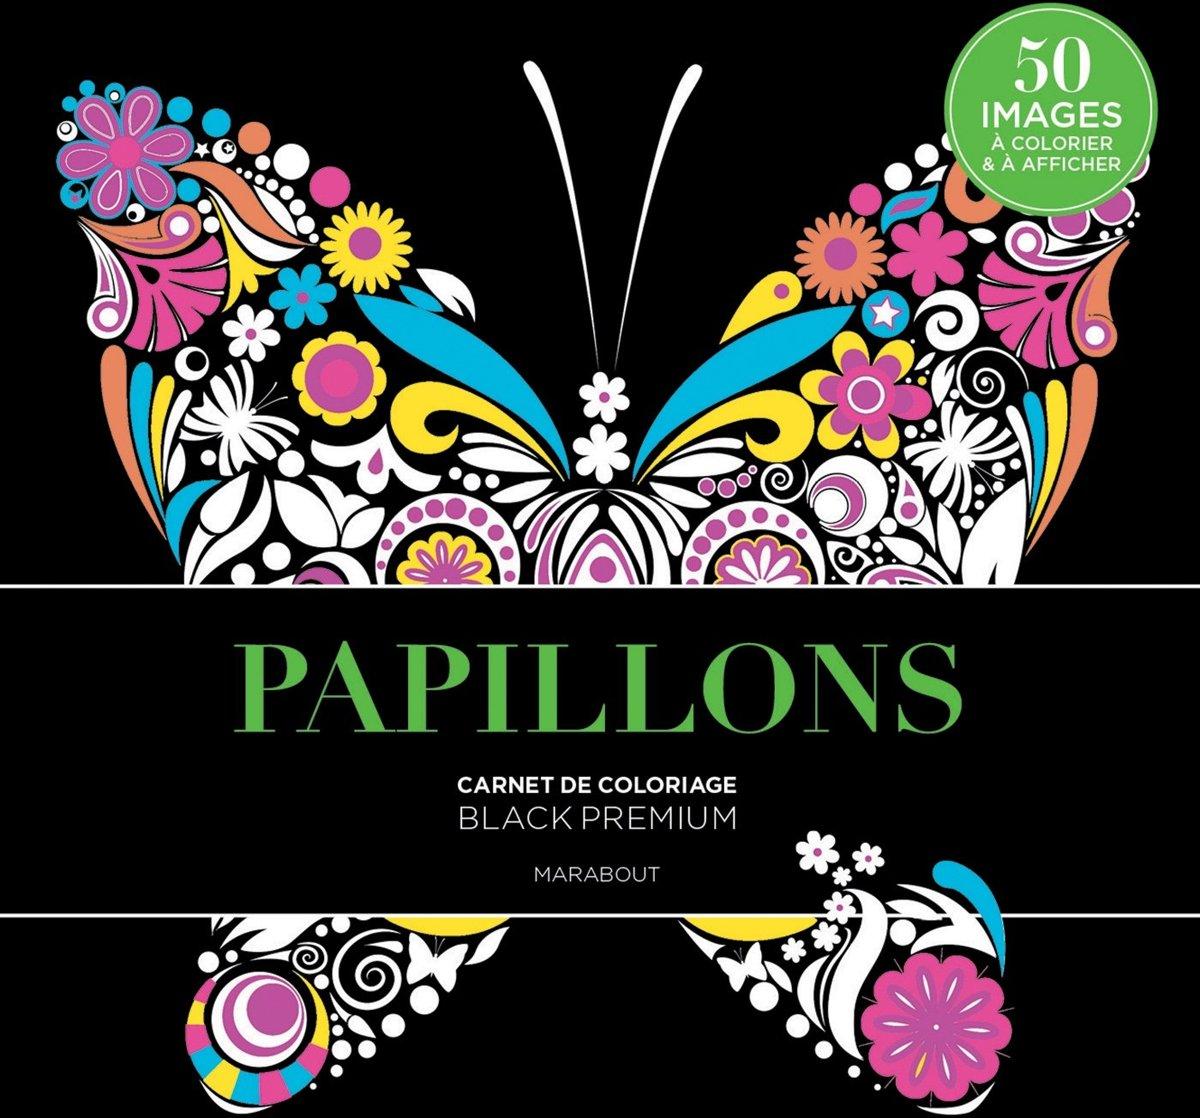 Black Premium Pappillons kopen